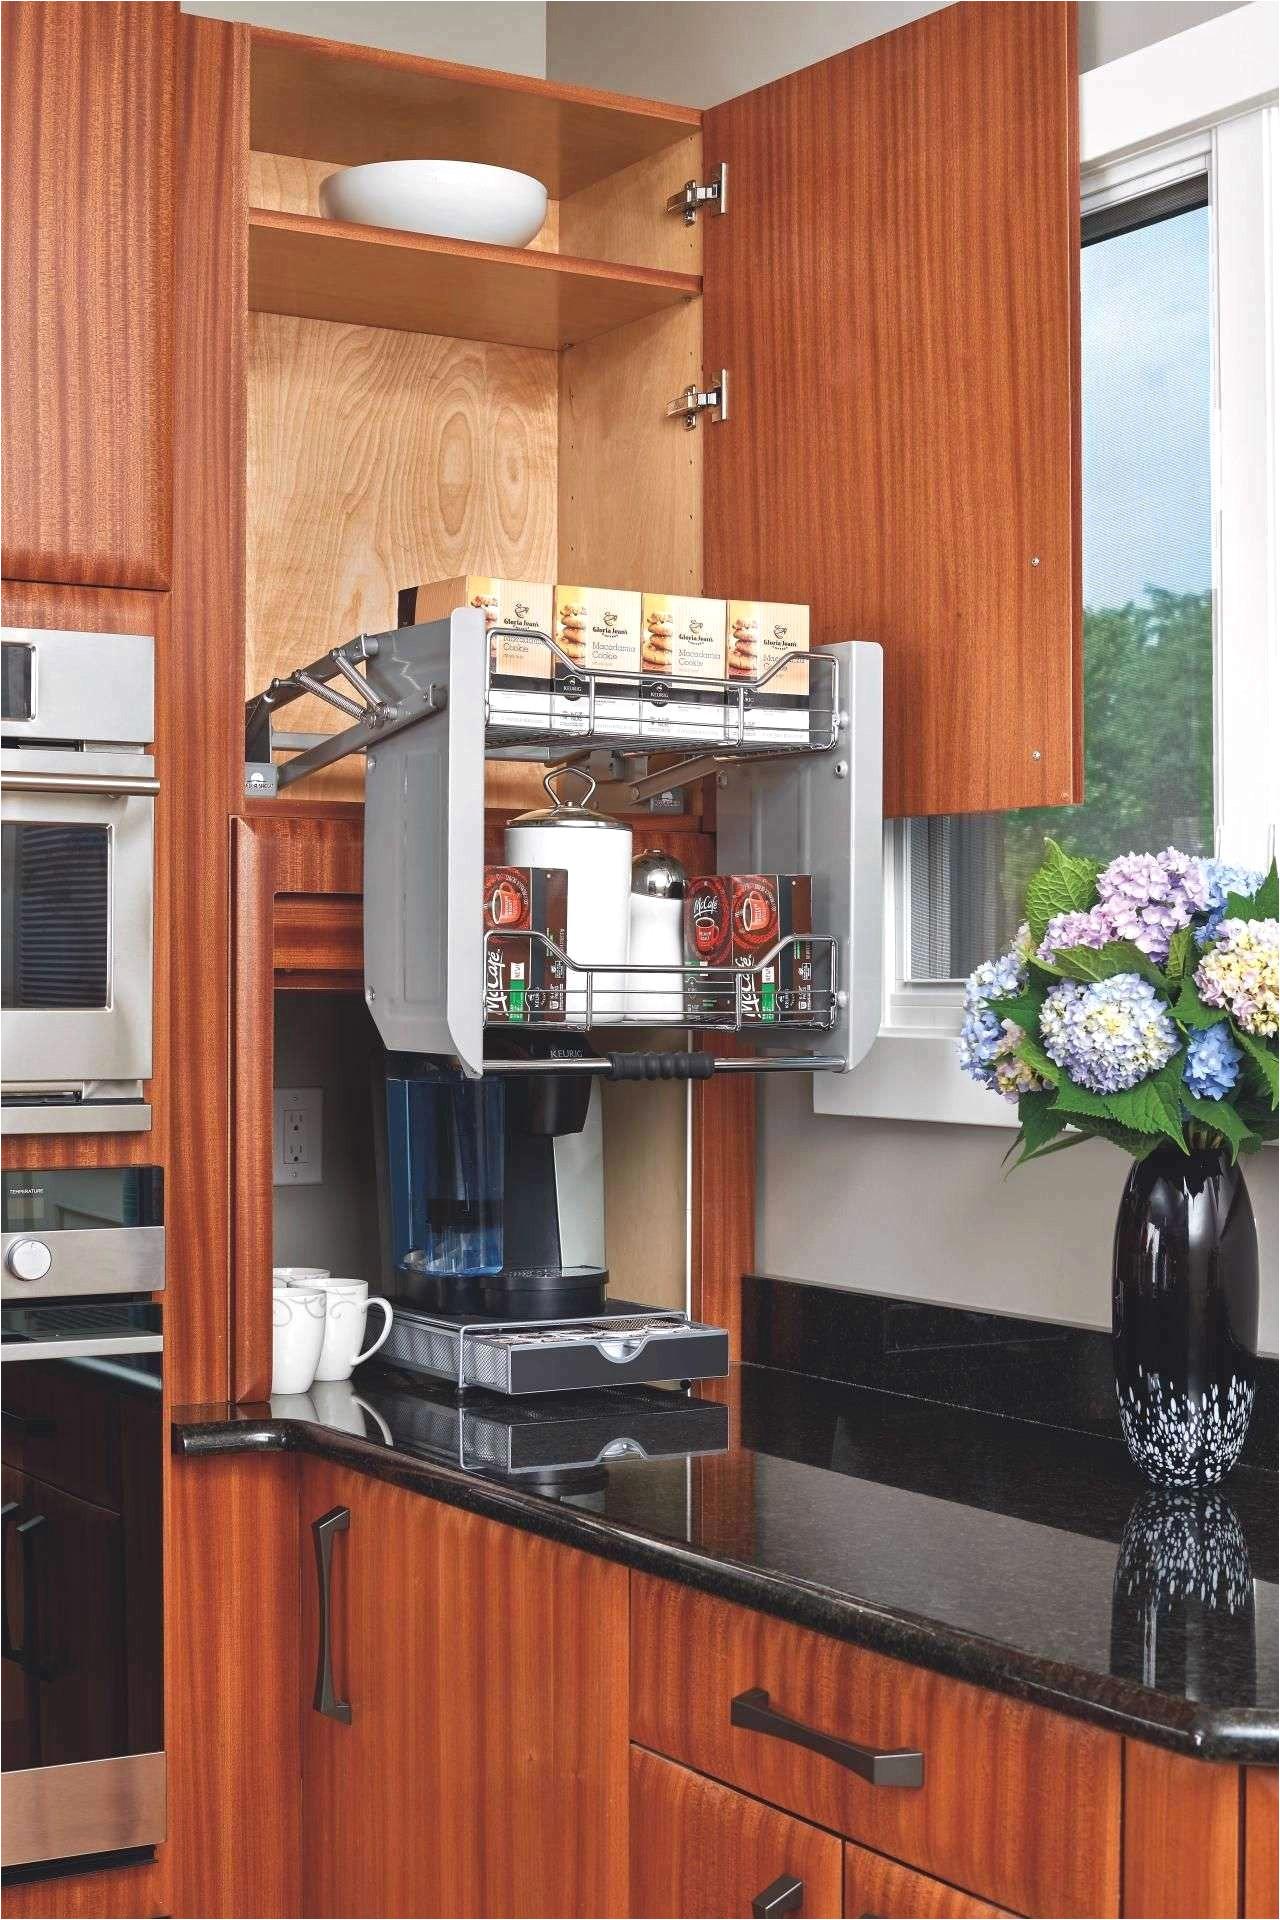 upper corner kitchen cabinet ideas fresh kitchen upper corner from upper corner kitchen cabinet storage solutions image source cooldir org